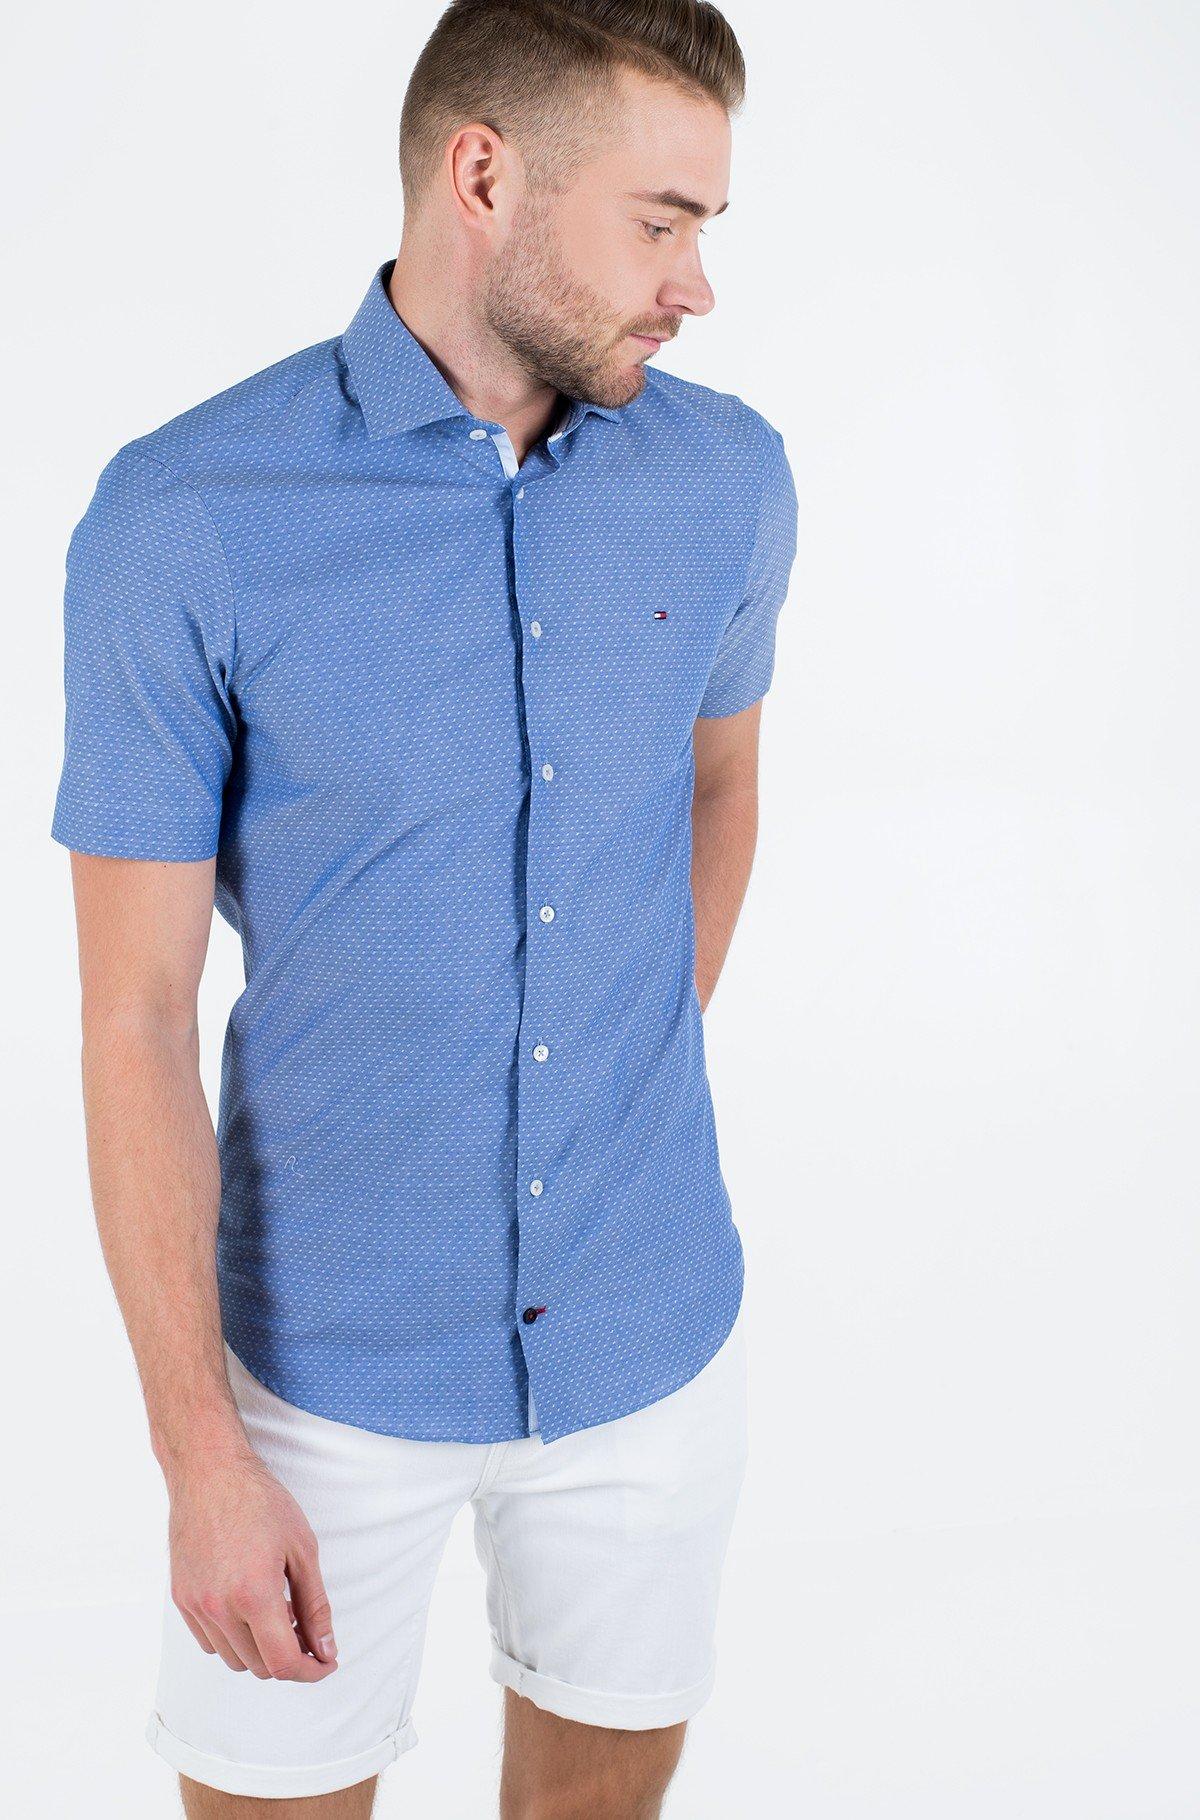 Marškiniai su trumpomis rankovėmis DOBBY CLASSIC S/S SLIM SHIRT-full-1